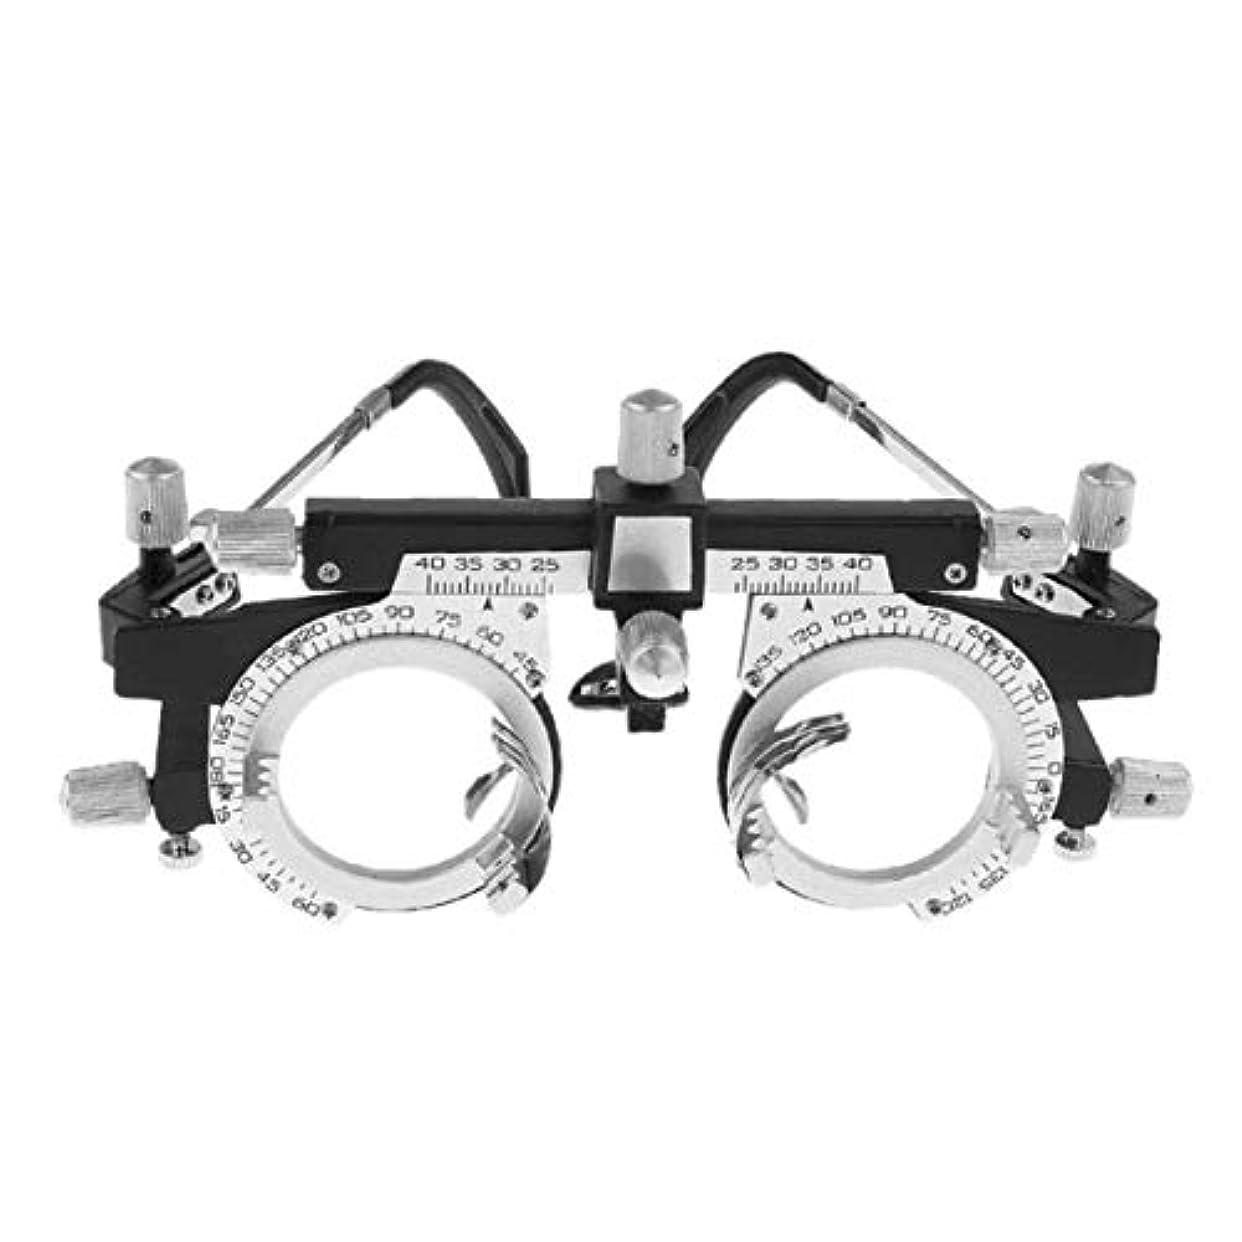 チャーター分限り調節可能なプロフェッショナルアイウェア検眼メタルフレーム光学オプティクストライアルレンズメタルフレームPDメガネアクセサリー - シルバー&ブラック